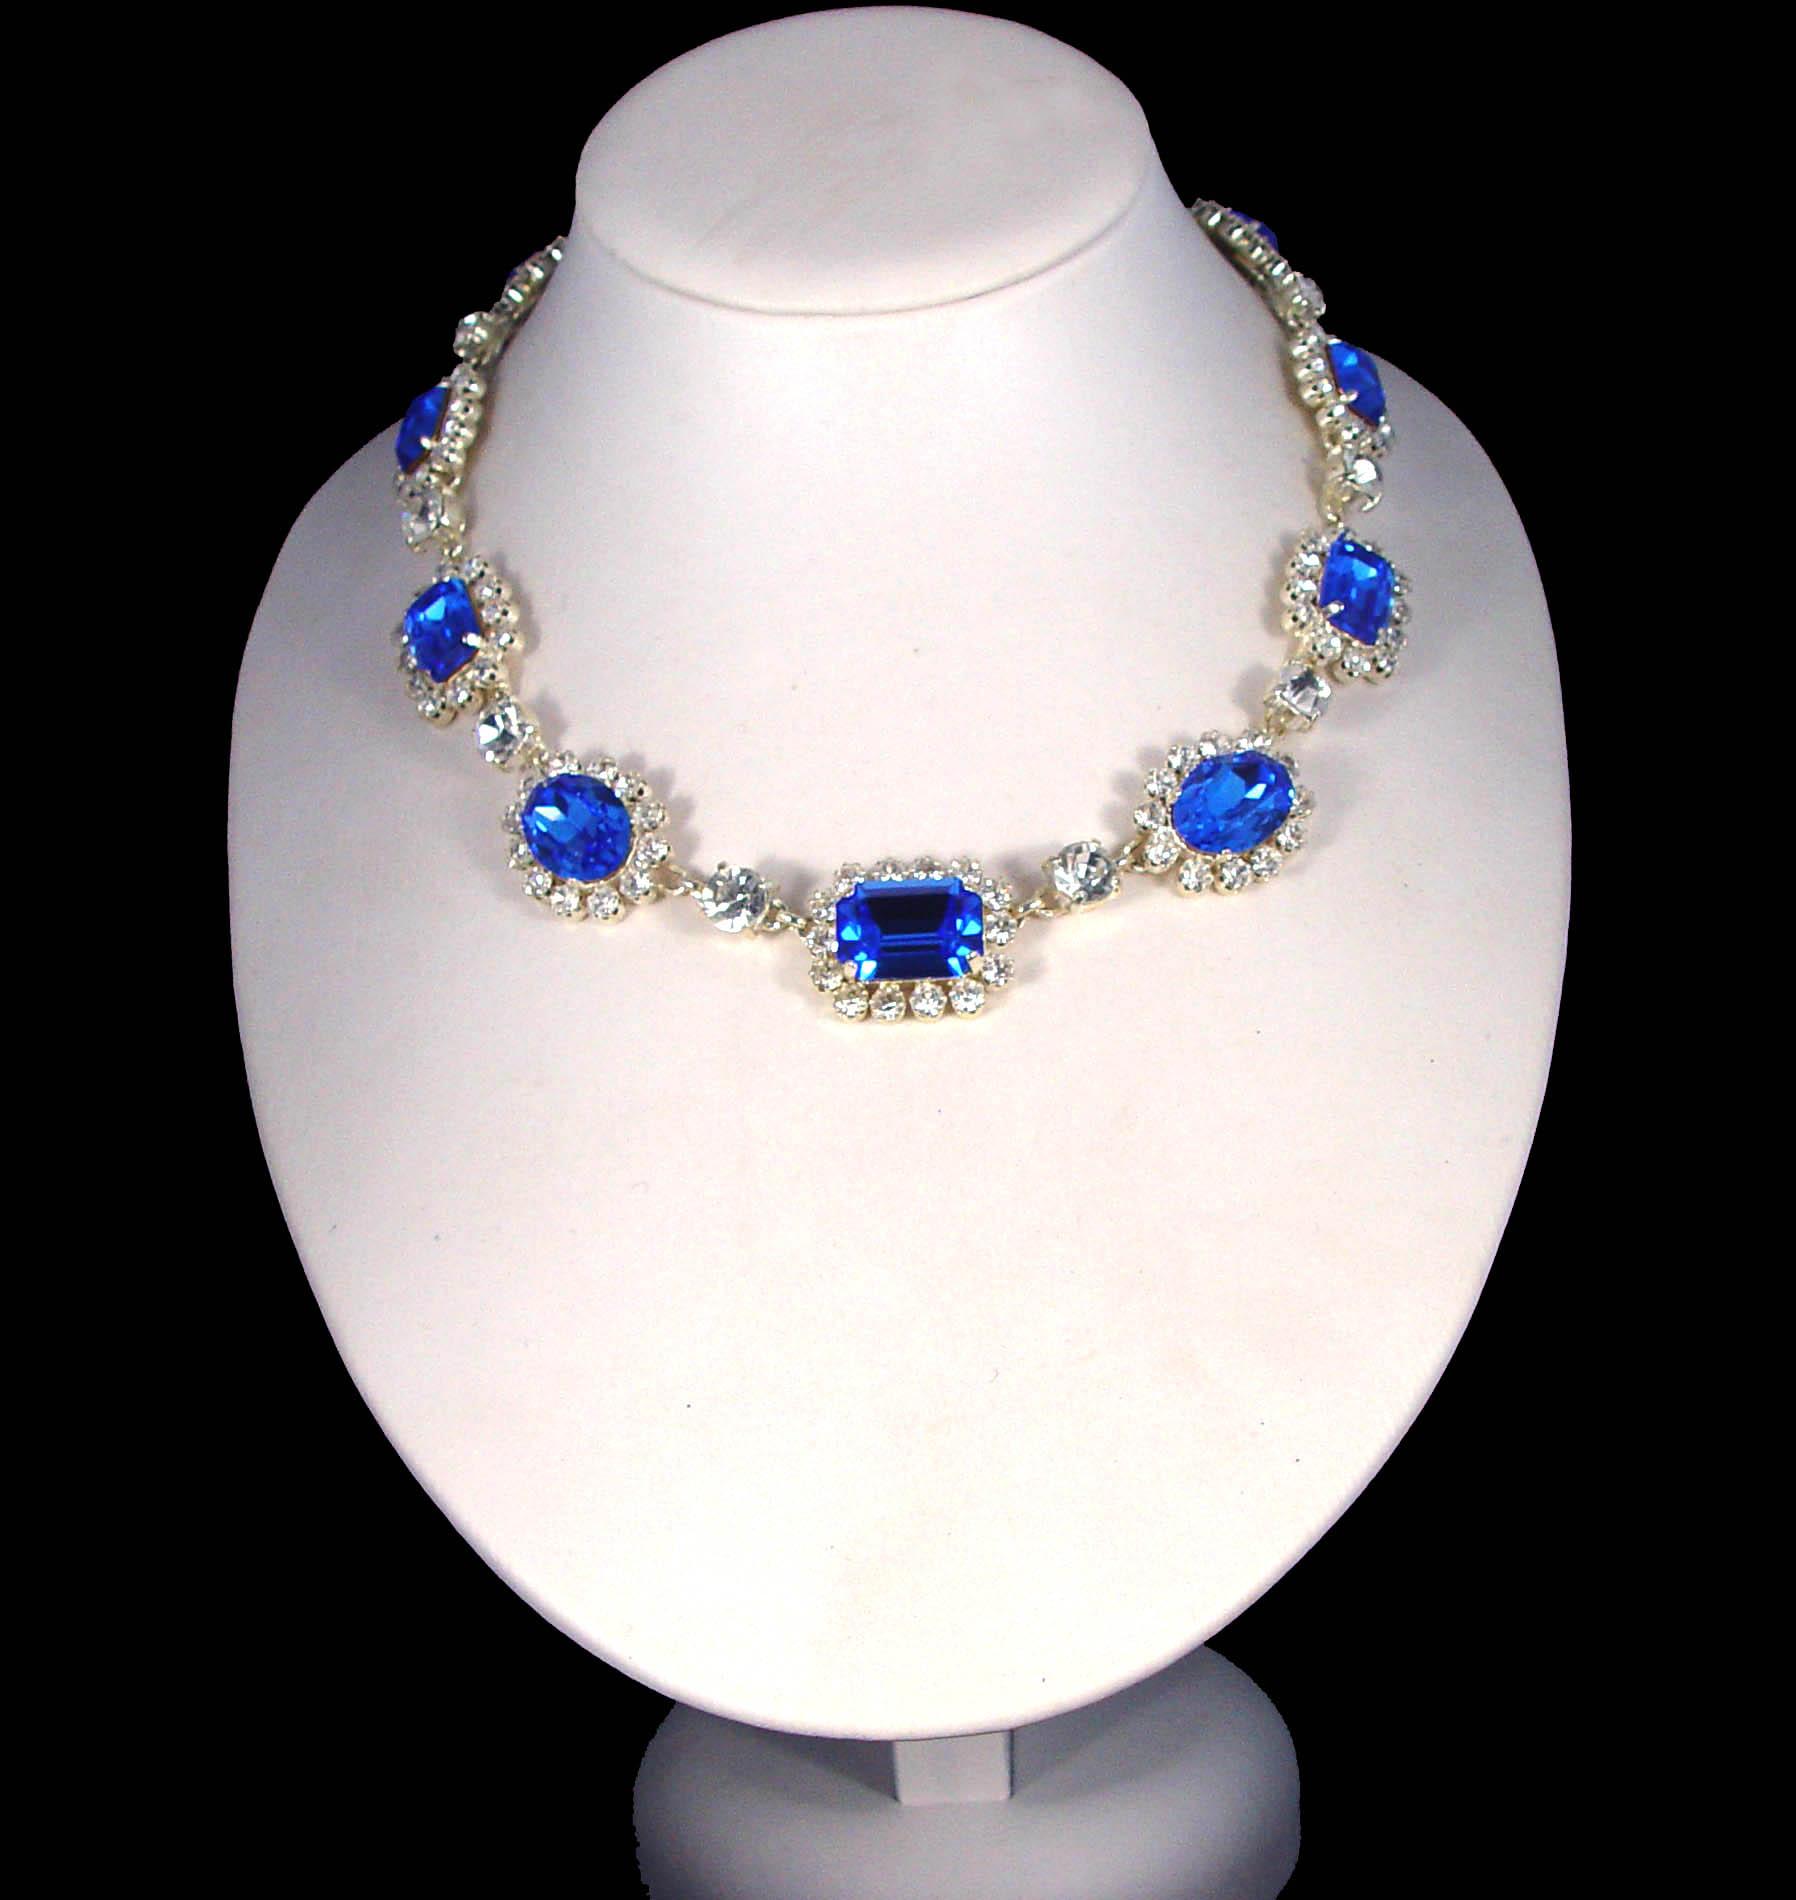 Queen S Necklaces Royal Exhibitions